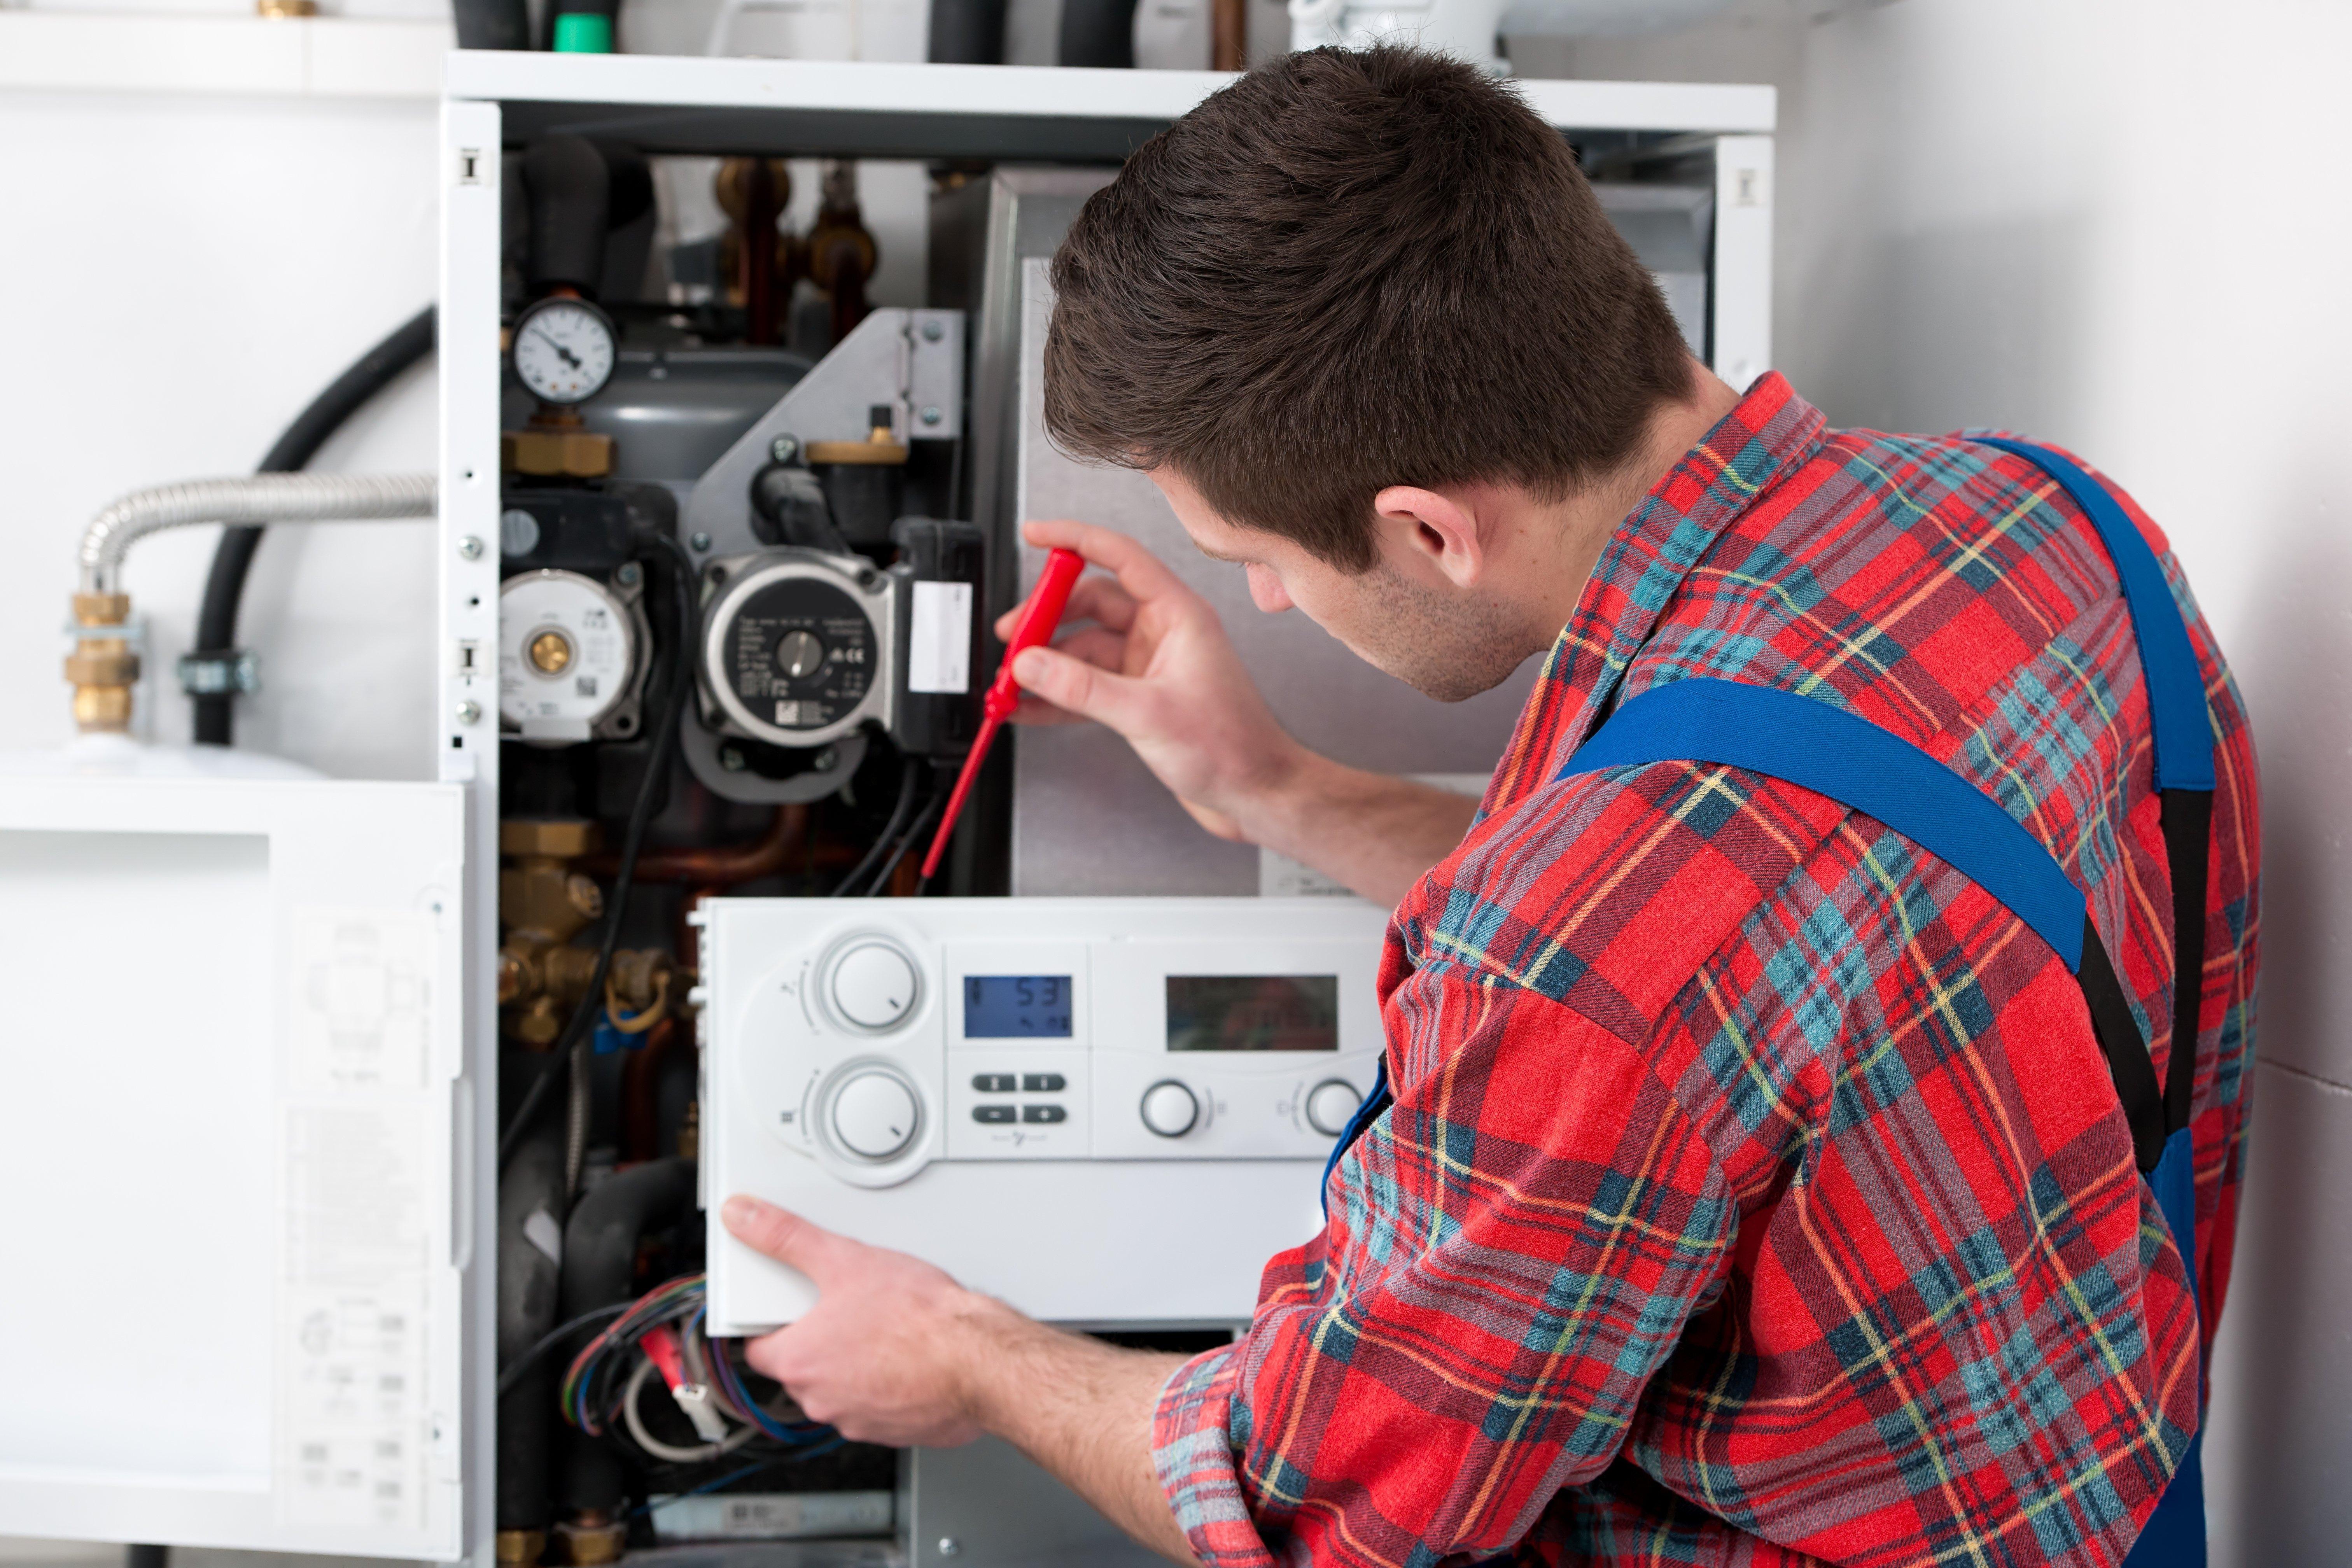 engineer repairing a boiler